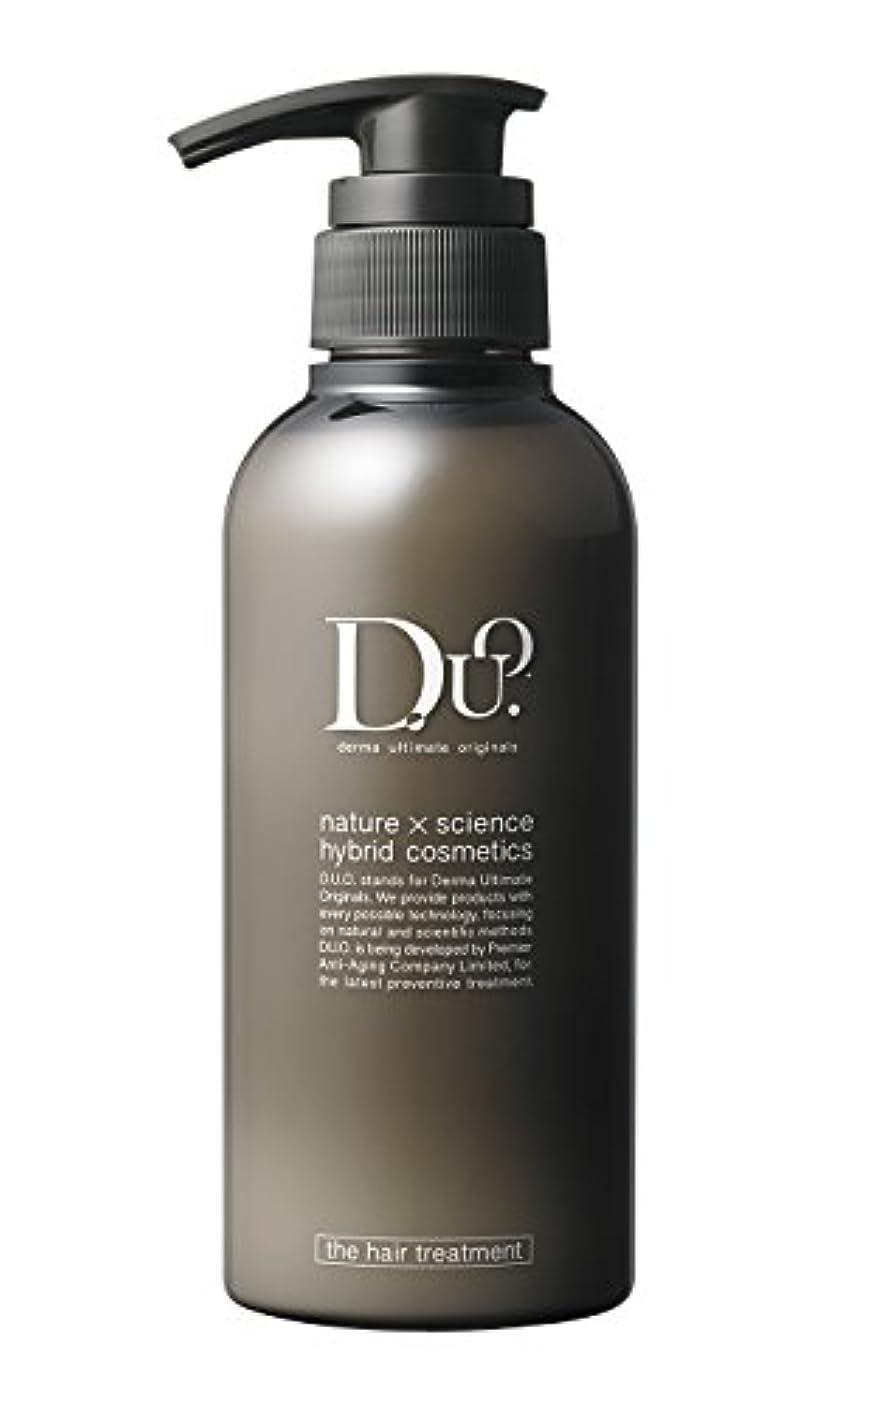 広告するヘルシー判定D.U.O. ザ ヘアトリートメント 320ml【髪のキューティクルケア】ノンシリコン 植物オイル配合 ダマスクローズの香り